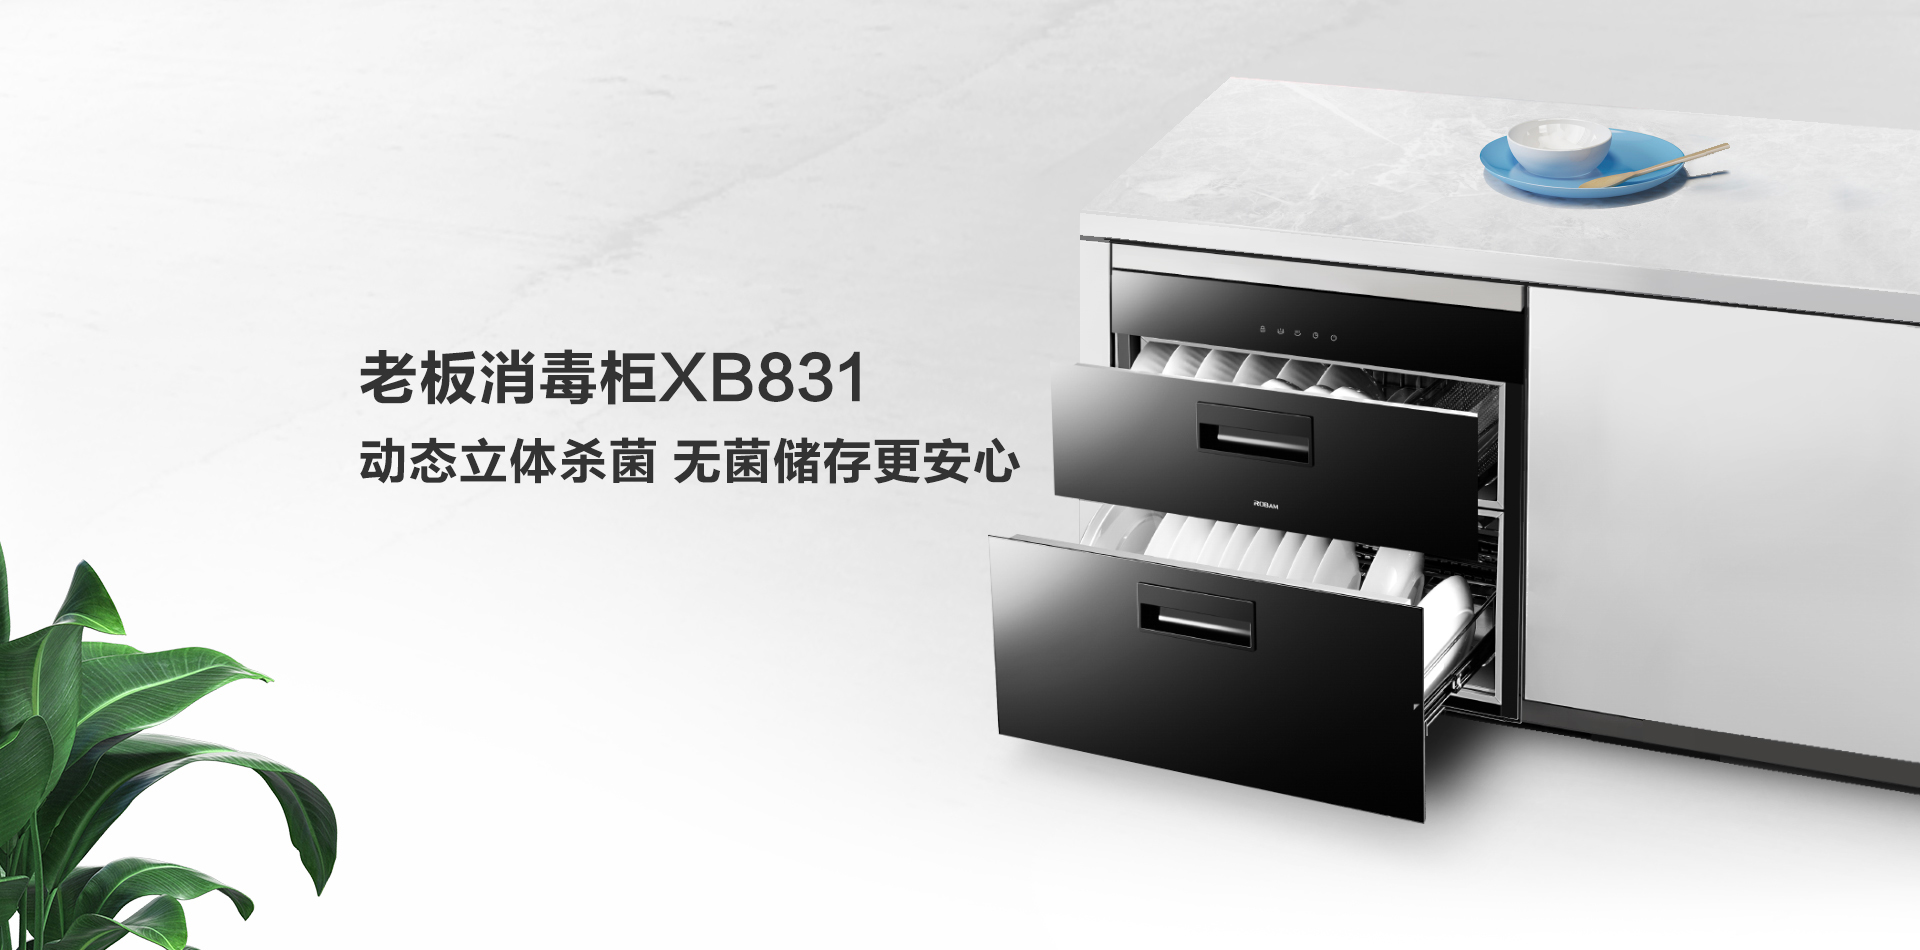 XB831消毒柜-上新-PC端-190918_01.jpg